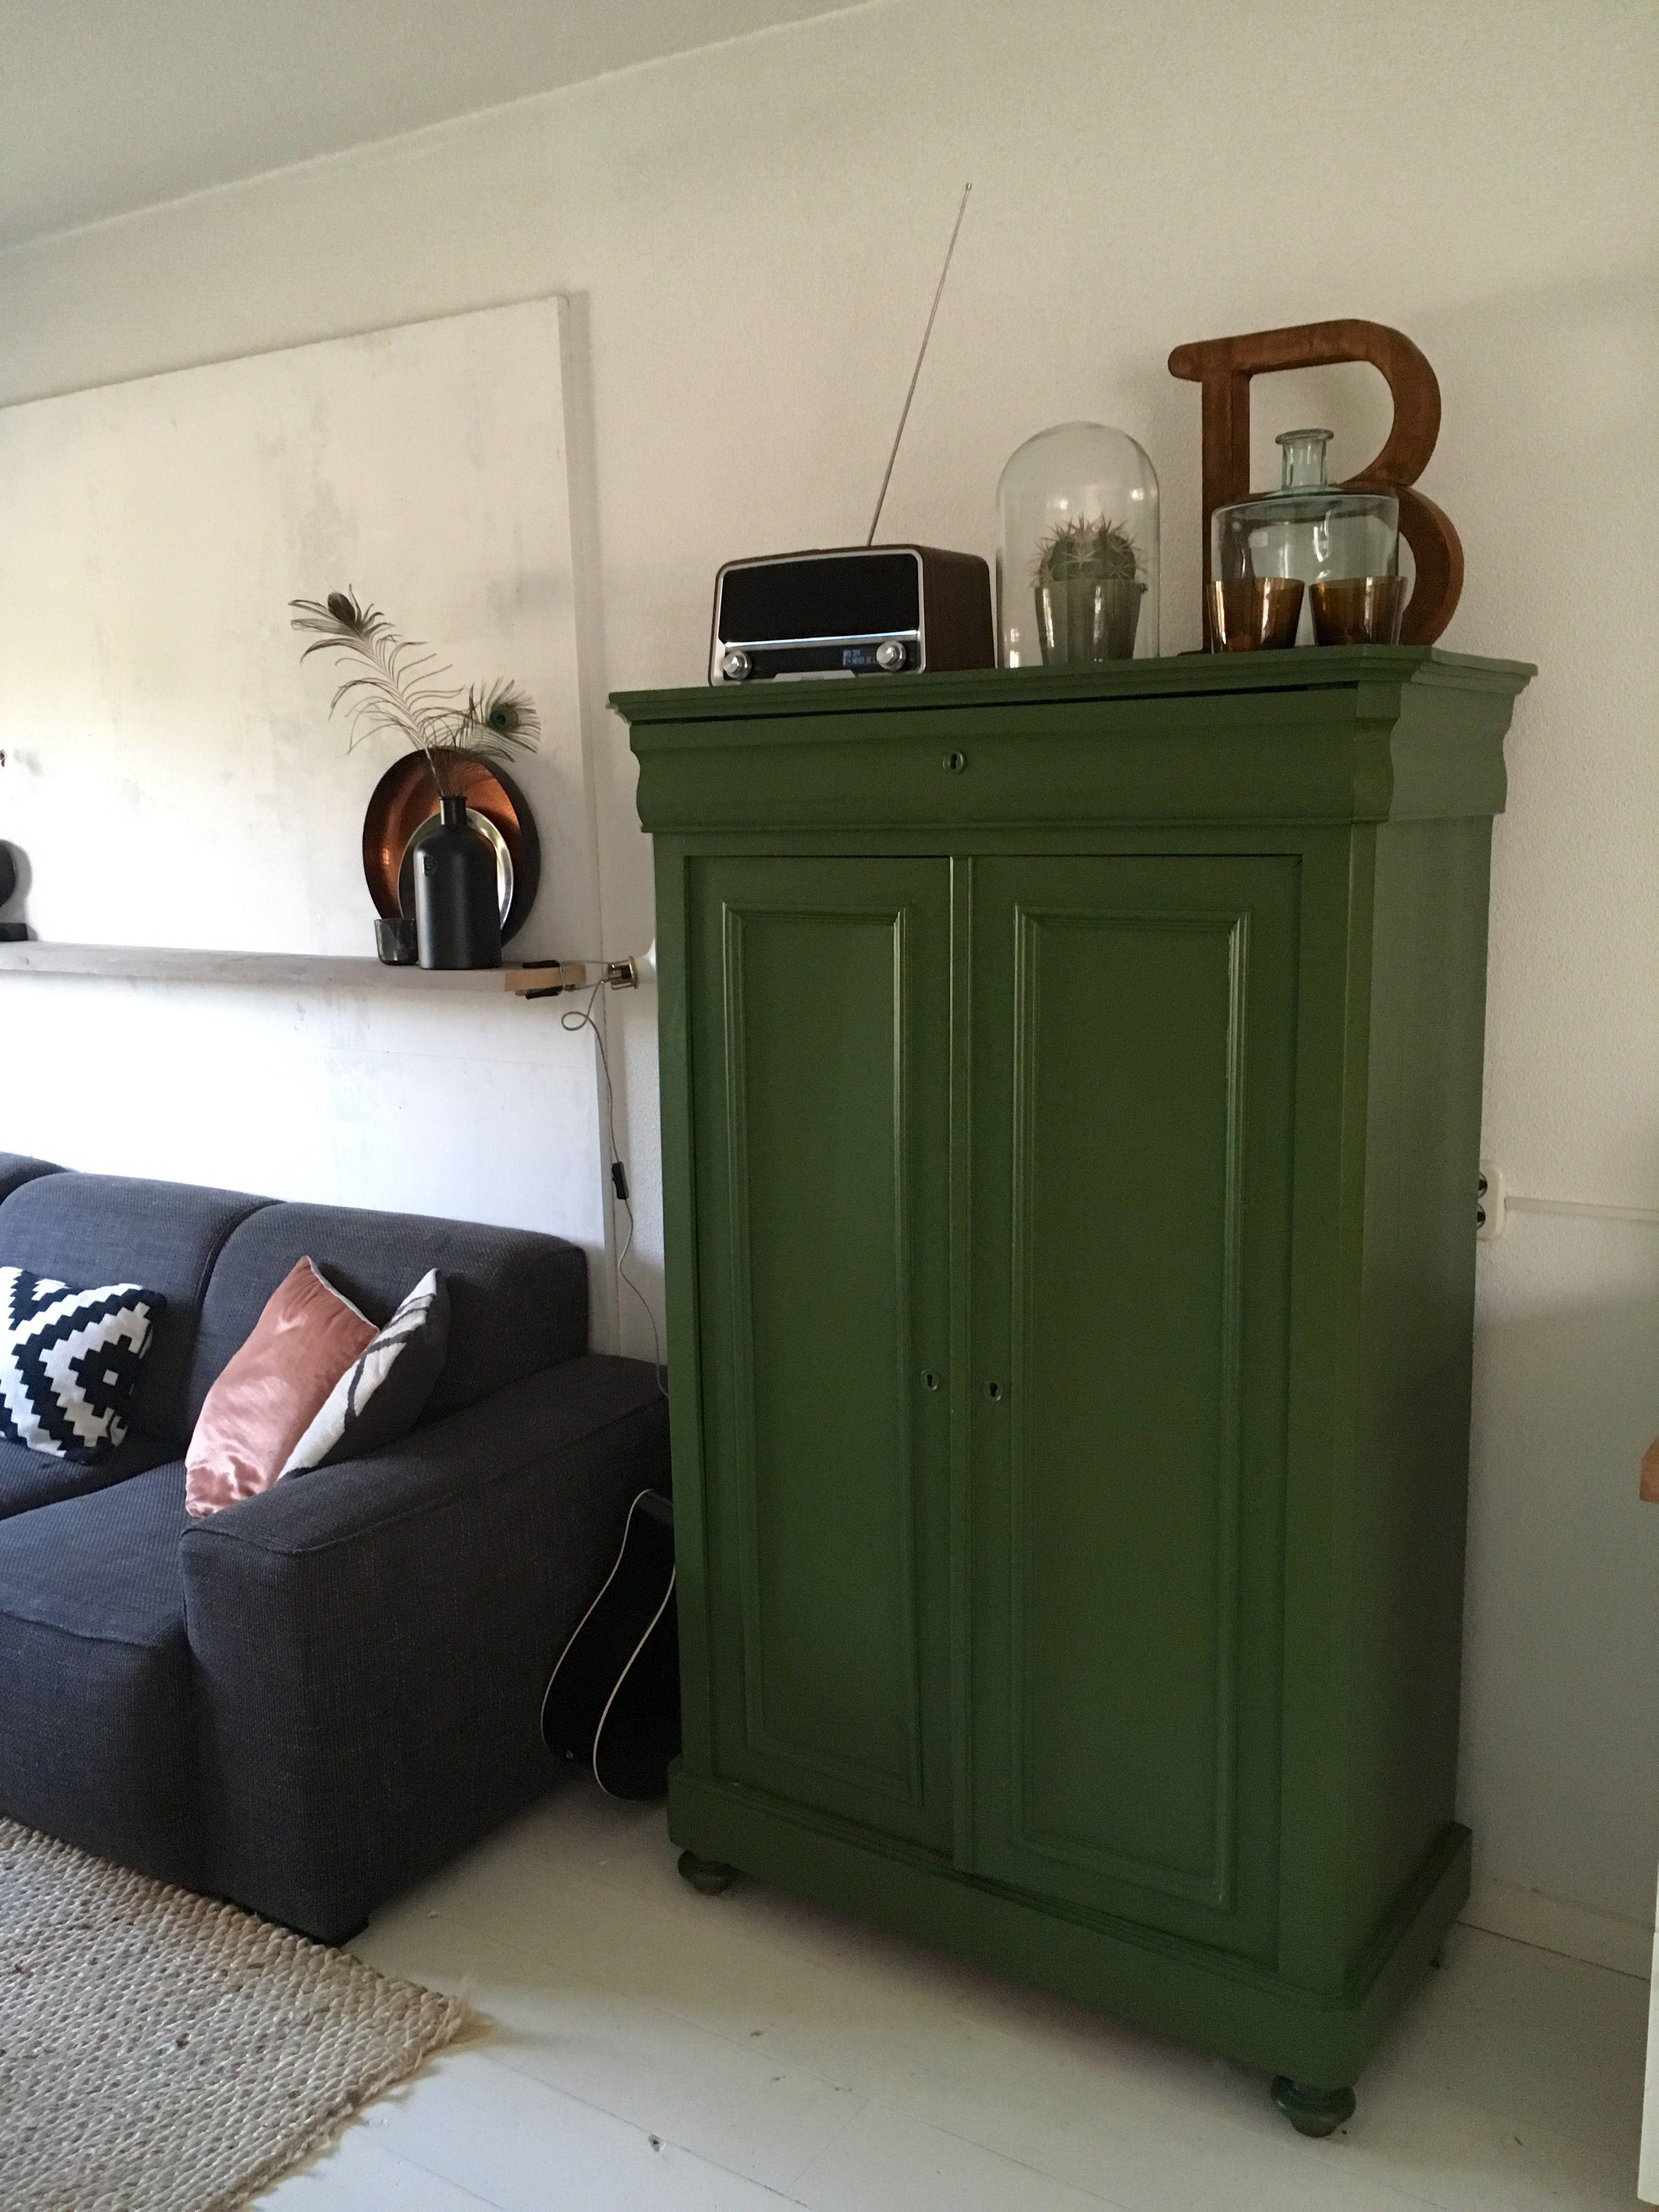 Grote Witte Houten Kast.Manon Interieur Styling Groene Kast Witte Vloer Houten Vloerdelen